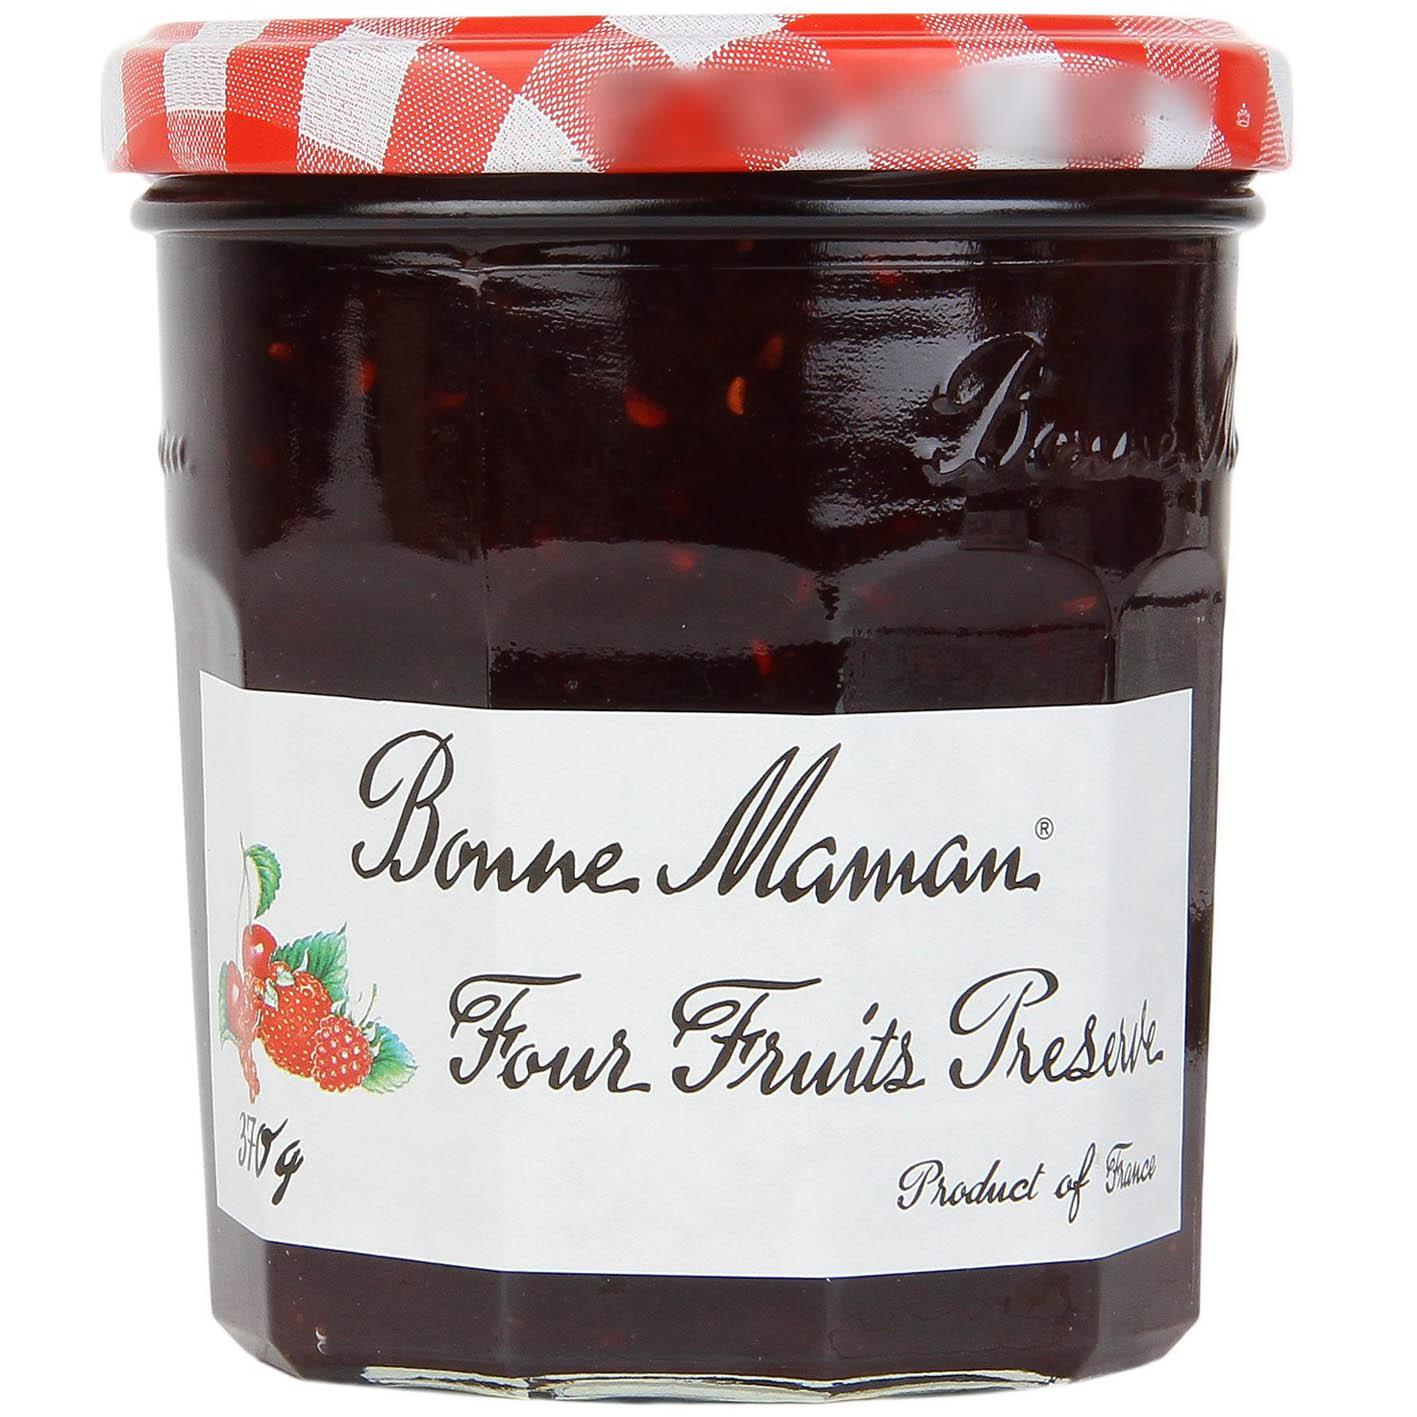 Geléia Francesa Bonne Maman Frutas Vermelhas - 370g  - Empório Pata Negra